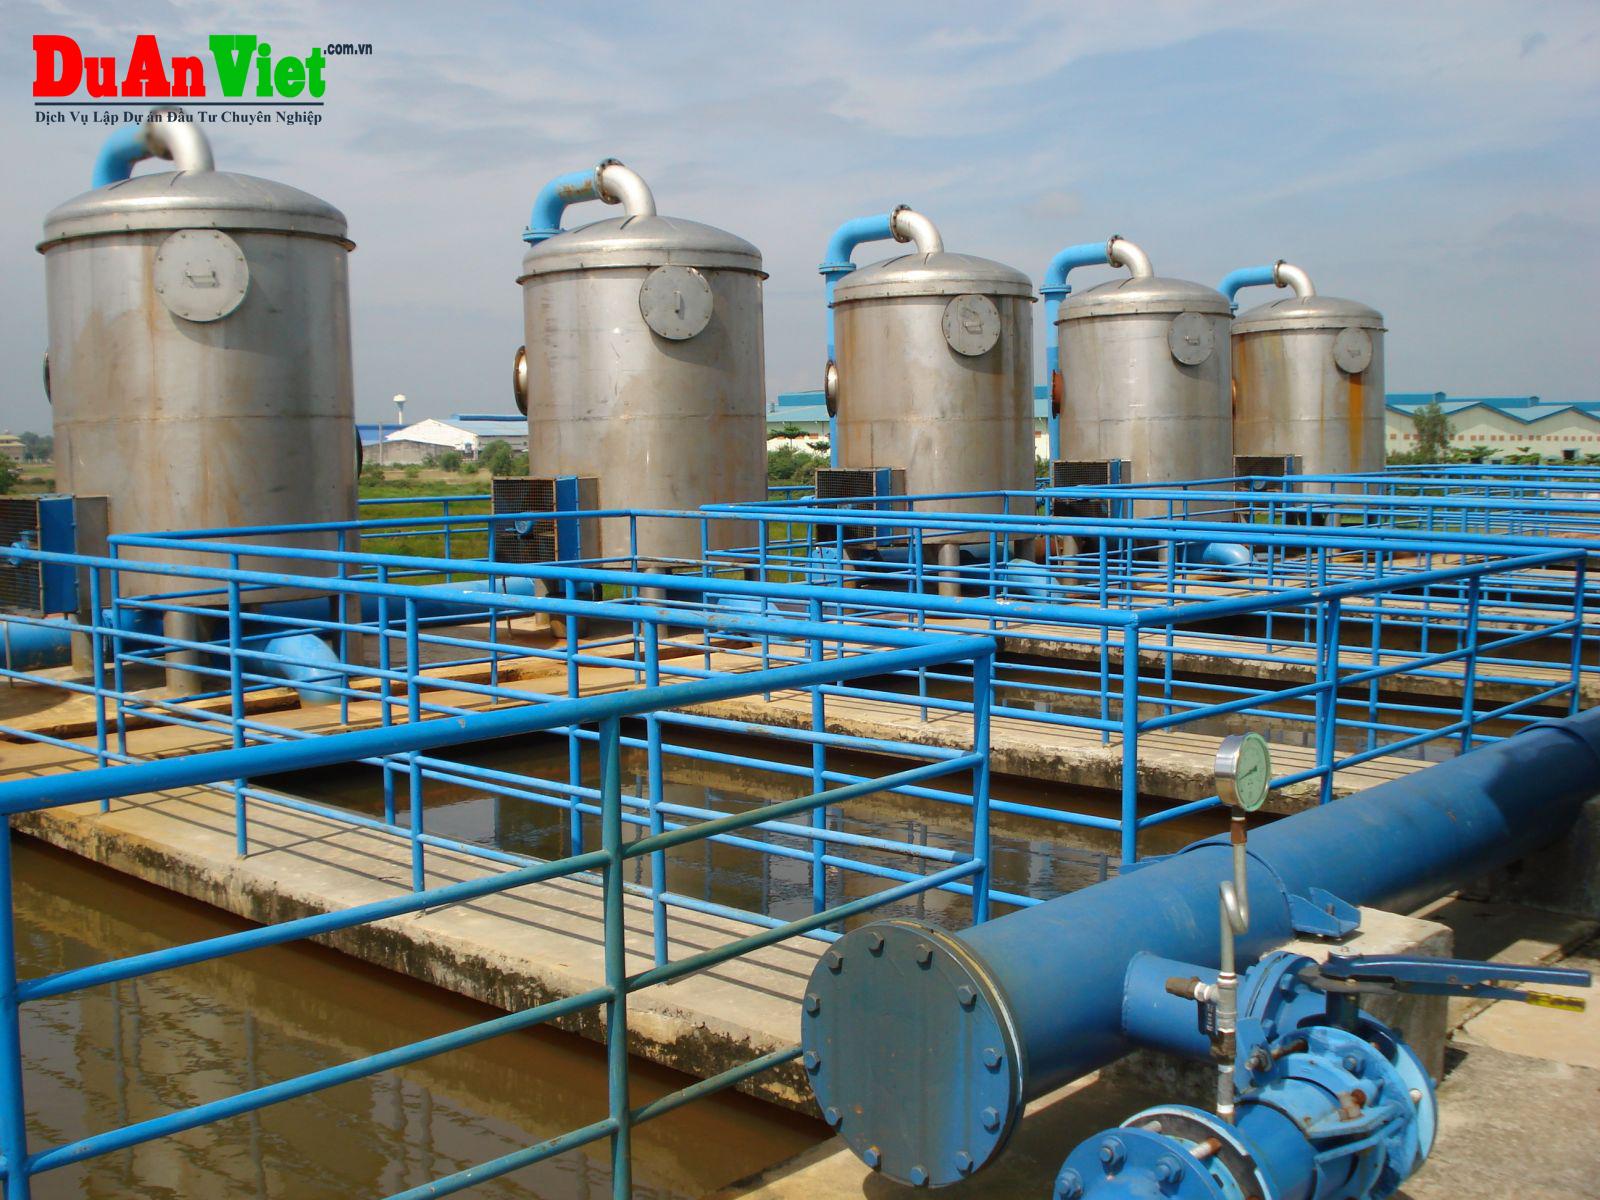 Nâng Cấp hệ thống xử lý nước thải